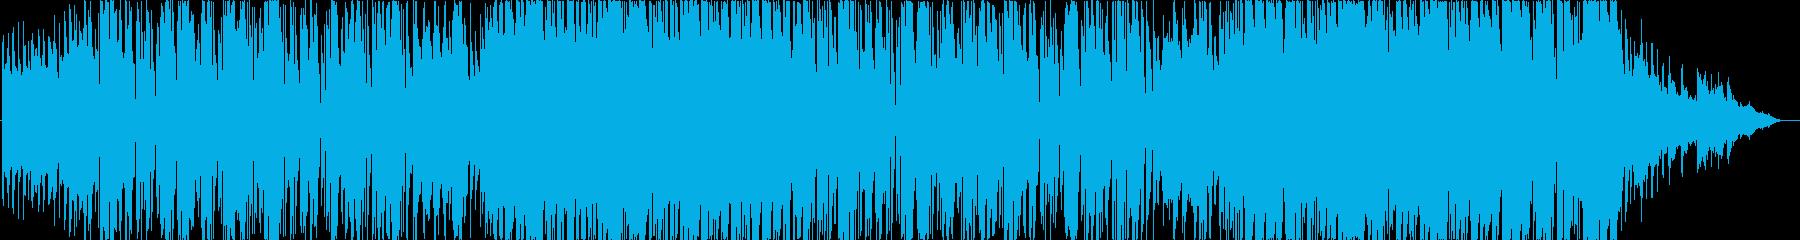 【生演奏】わくわくXmasのバイオリン曲の再生済みの波形